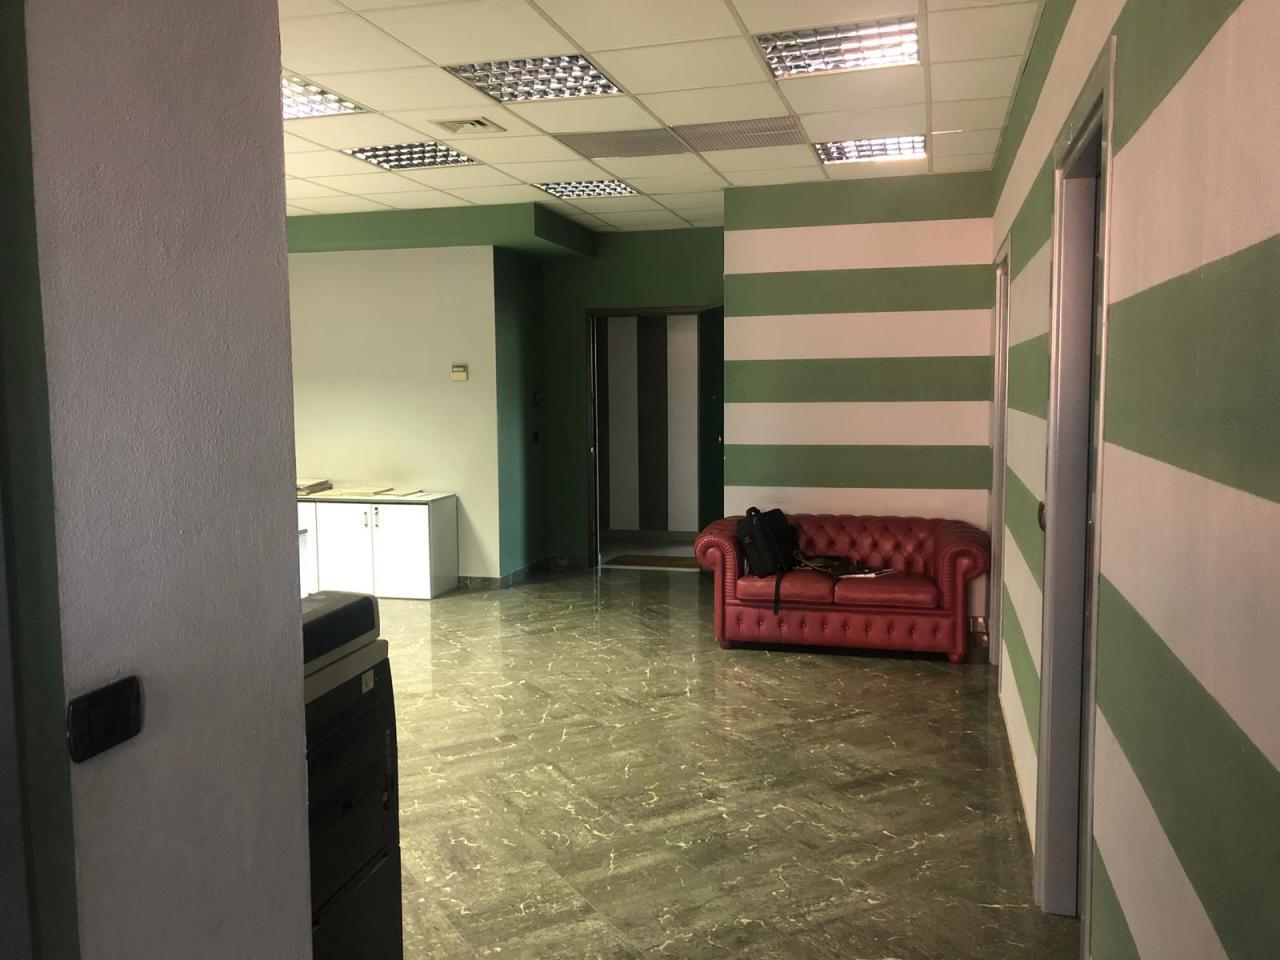 Ufficio / Studio in affitto a Sarzana, 6 locali, prezzo € 1.400 | PortaleAgenzieImmobiliari.it